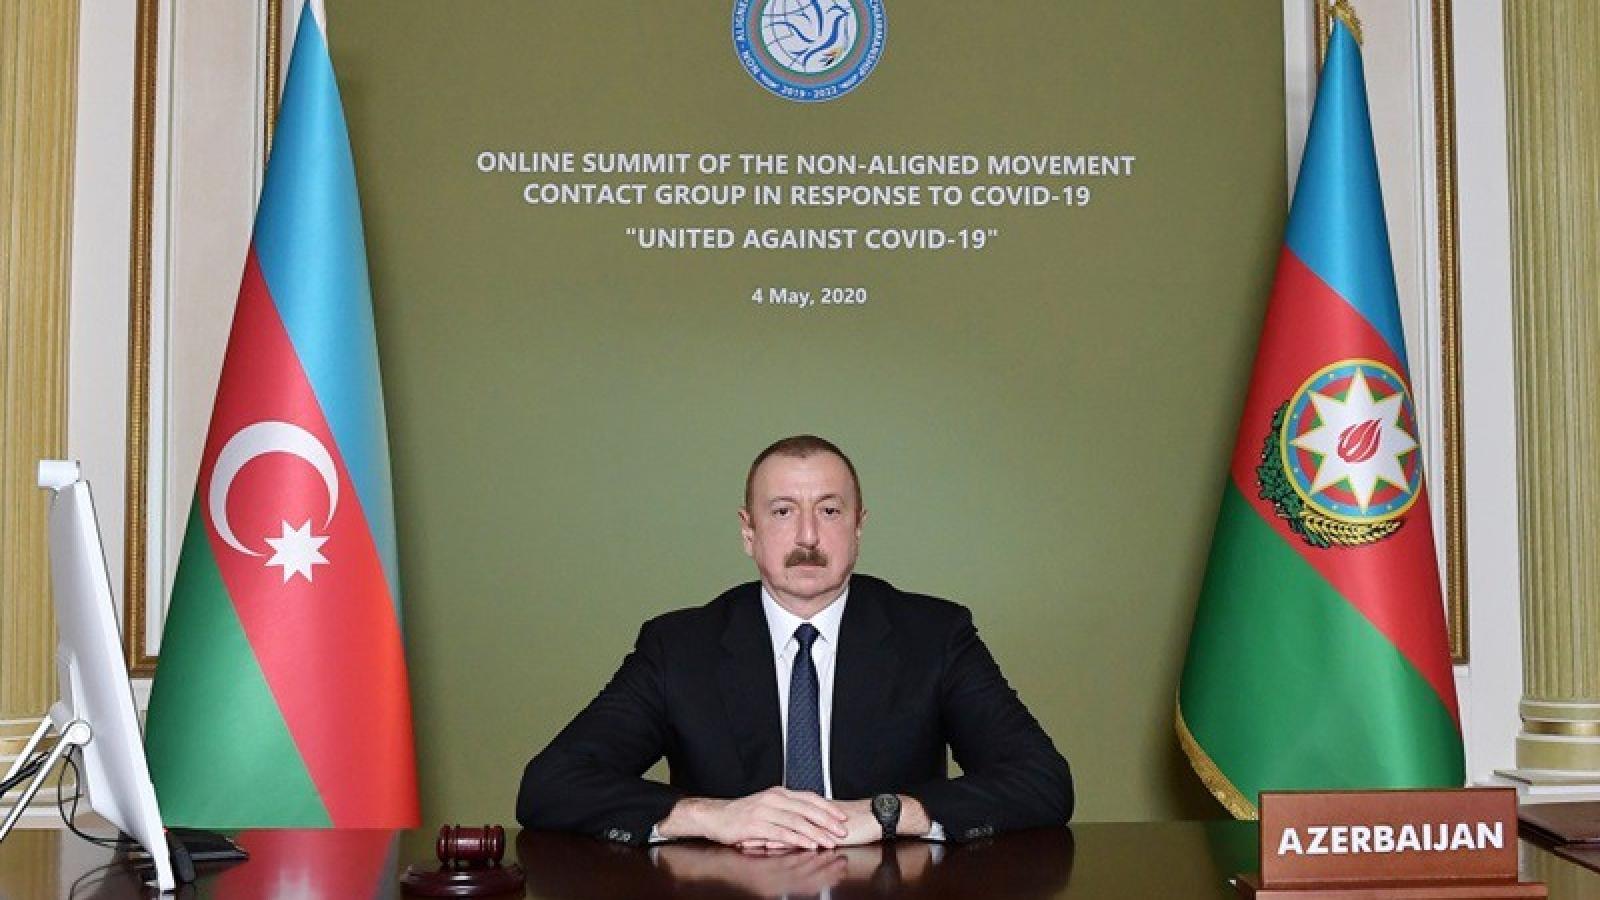 Sáng kiến Azerbaijan về chống Covid-19 qua Phong trào Không liên kết